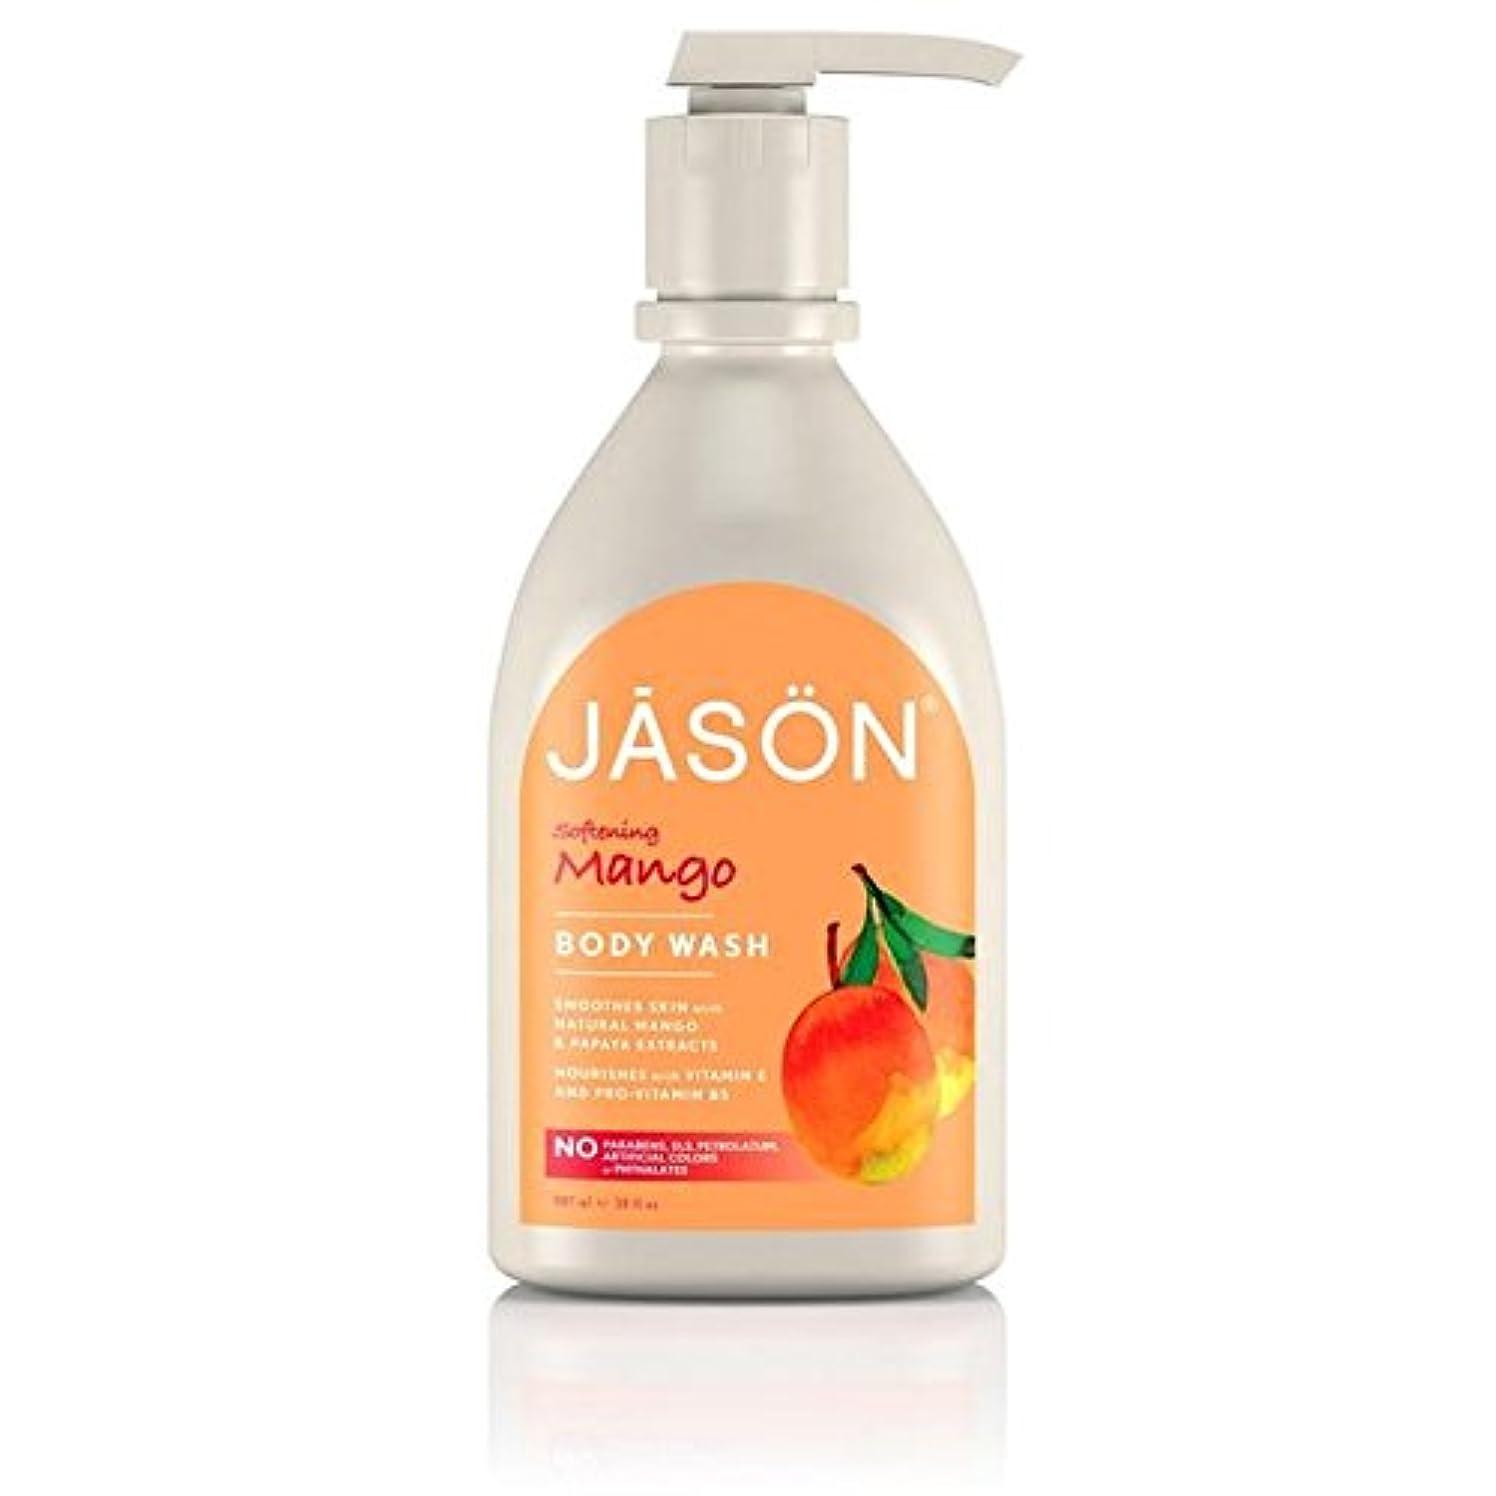 一生農夫真実にジェイソン?マンゴーサテンボディウォッシュポンプ900ミリリットル x2 - Jason Mango Satin Body Wash Pump 900ml (Pack of 2) [並行輸入品]